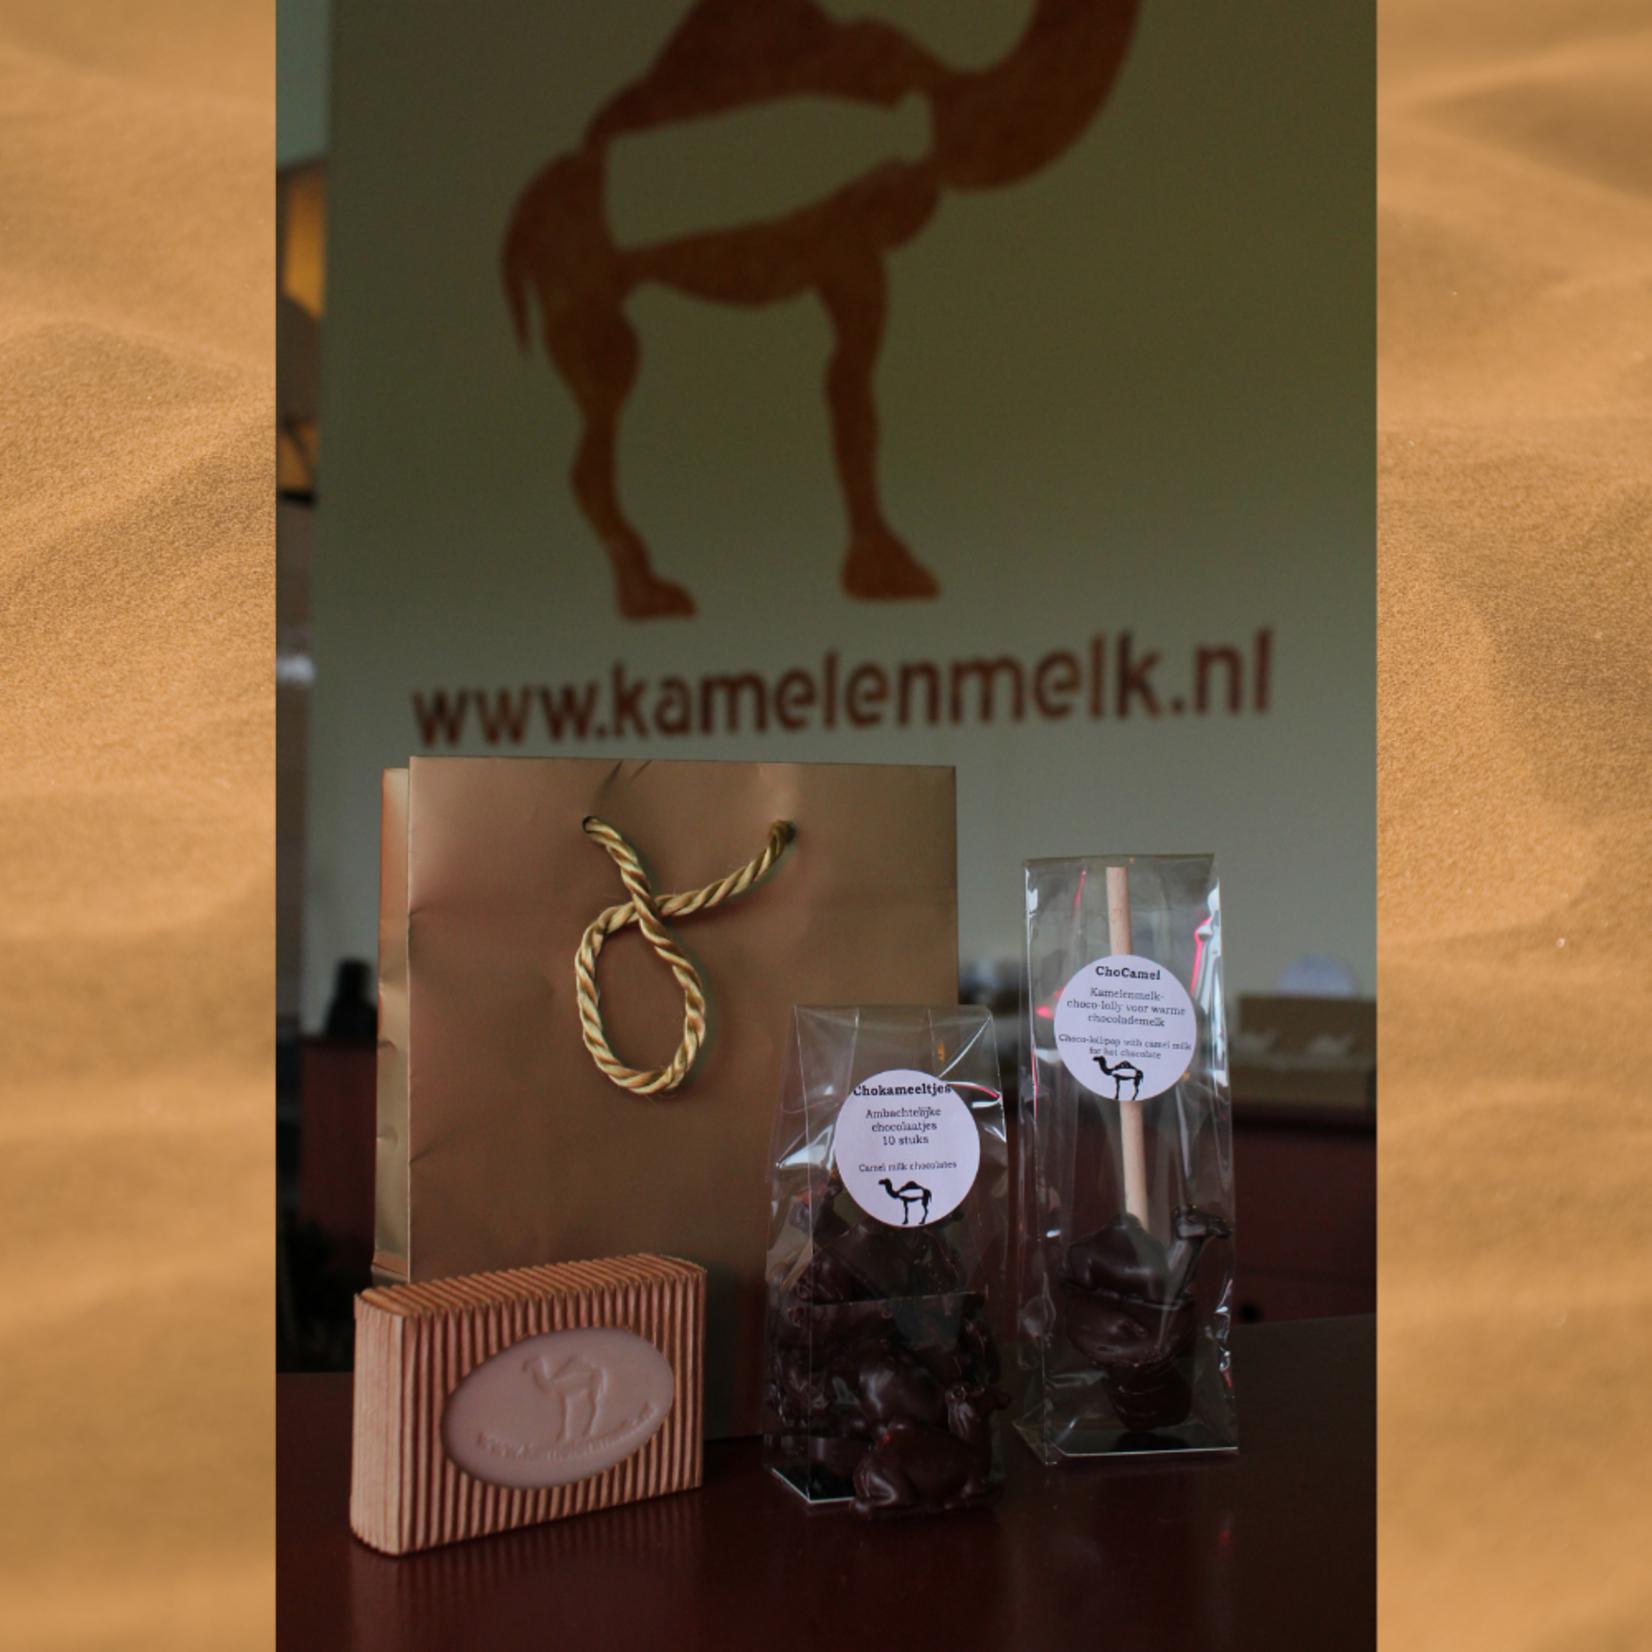 Kamel-Geschenkpaket 1 mit Kamelseife, Choco Kamele und einem Chocamel-Lutscher